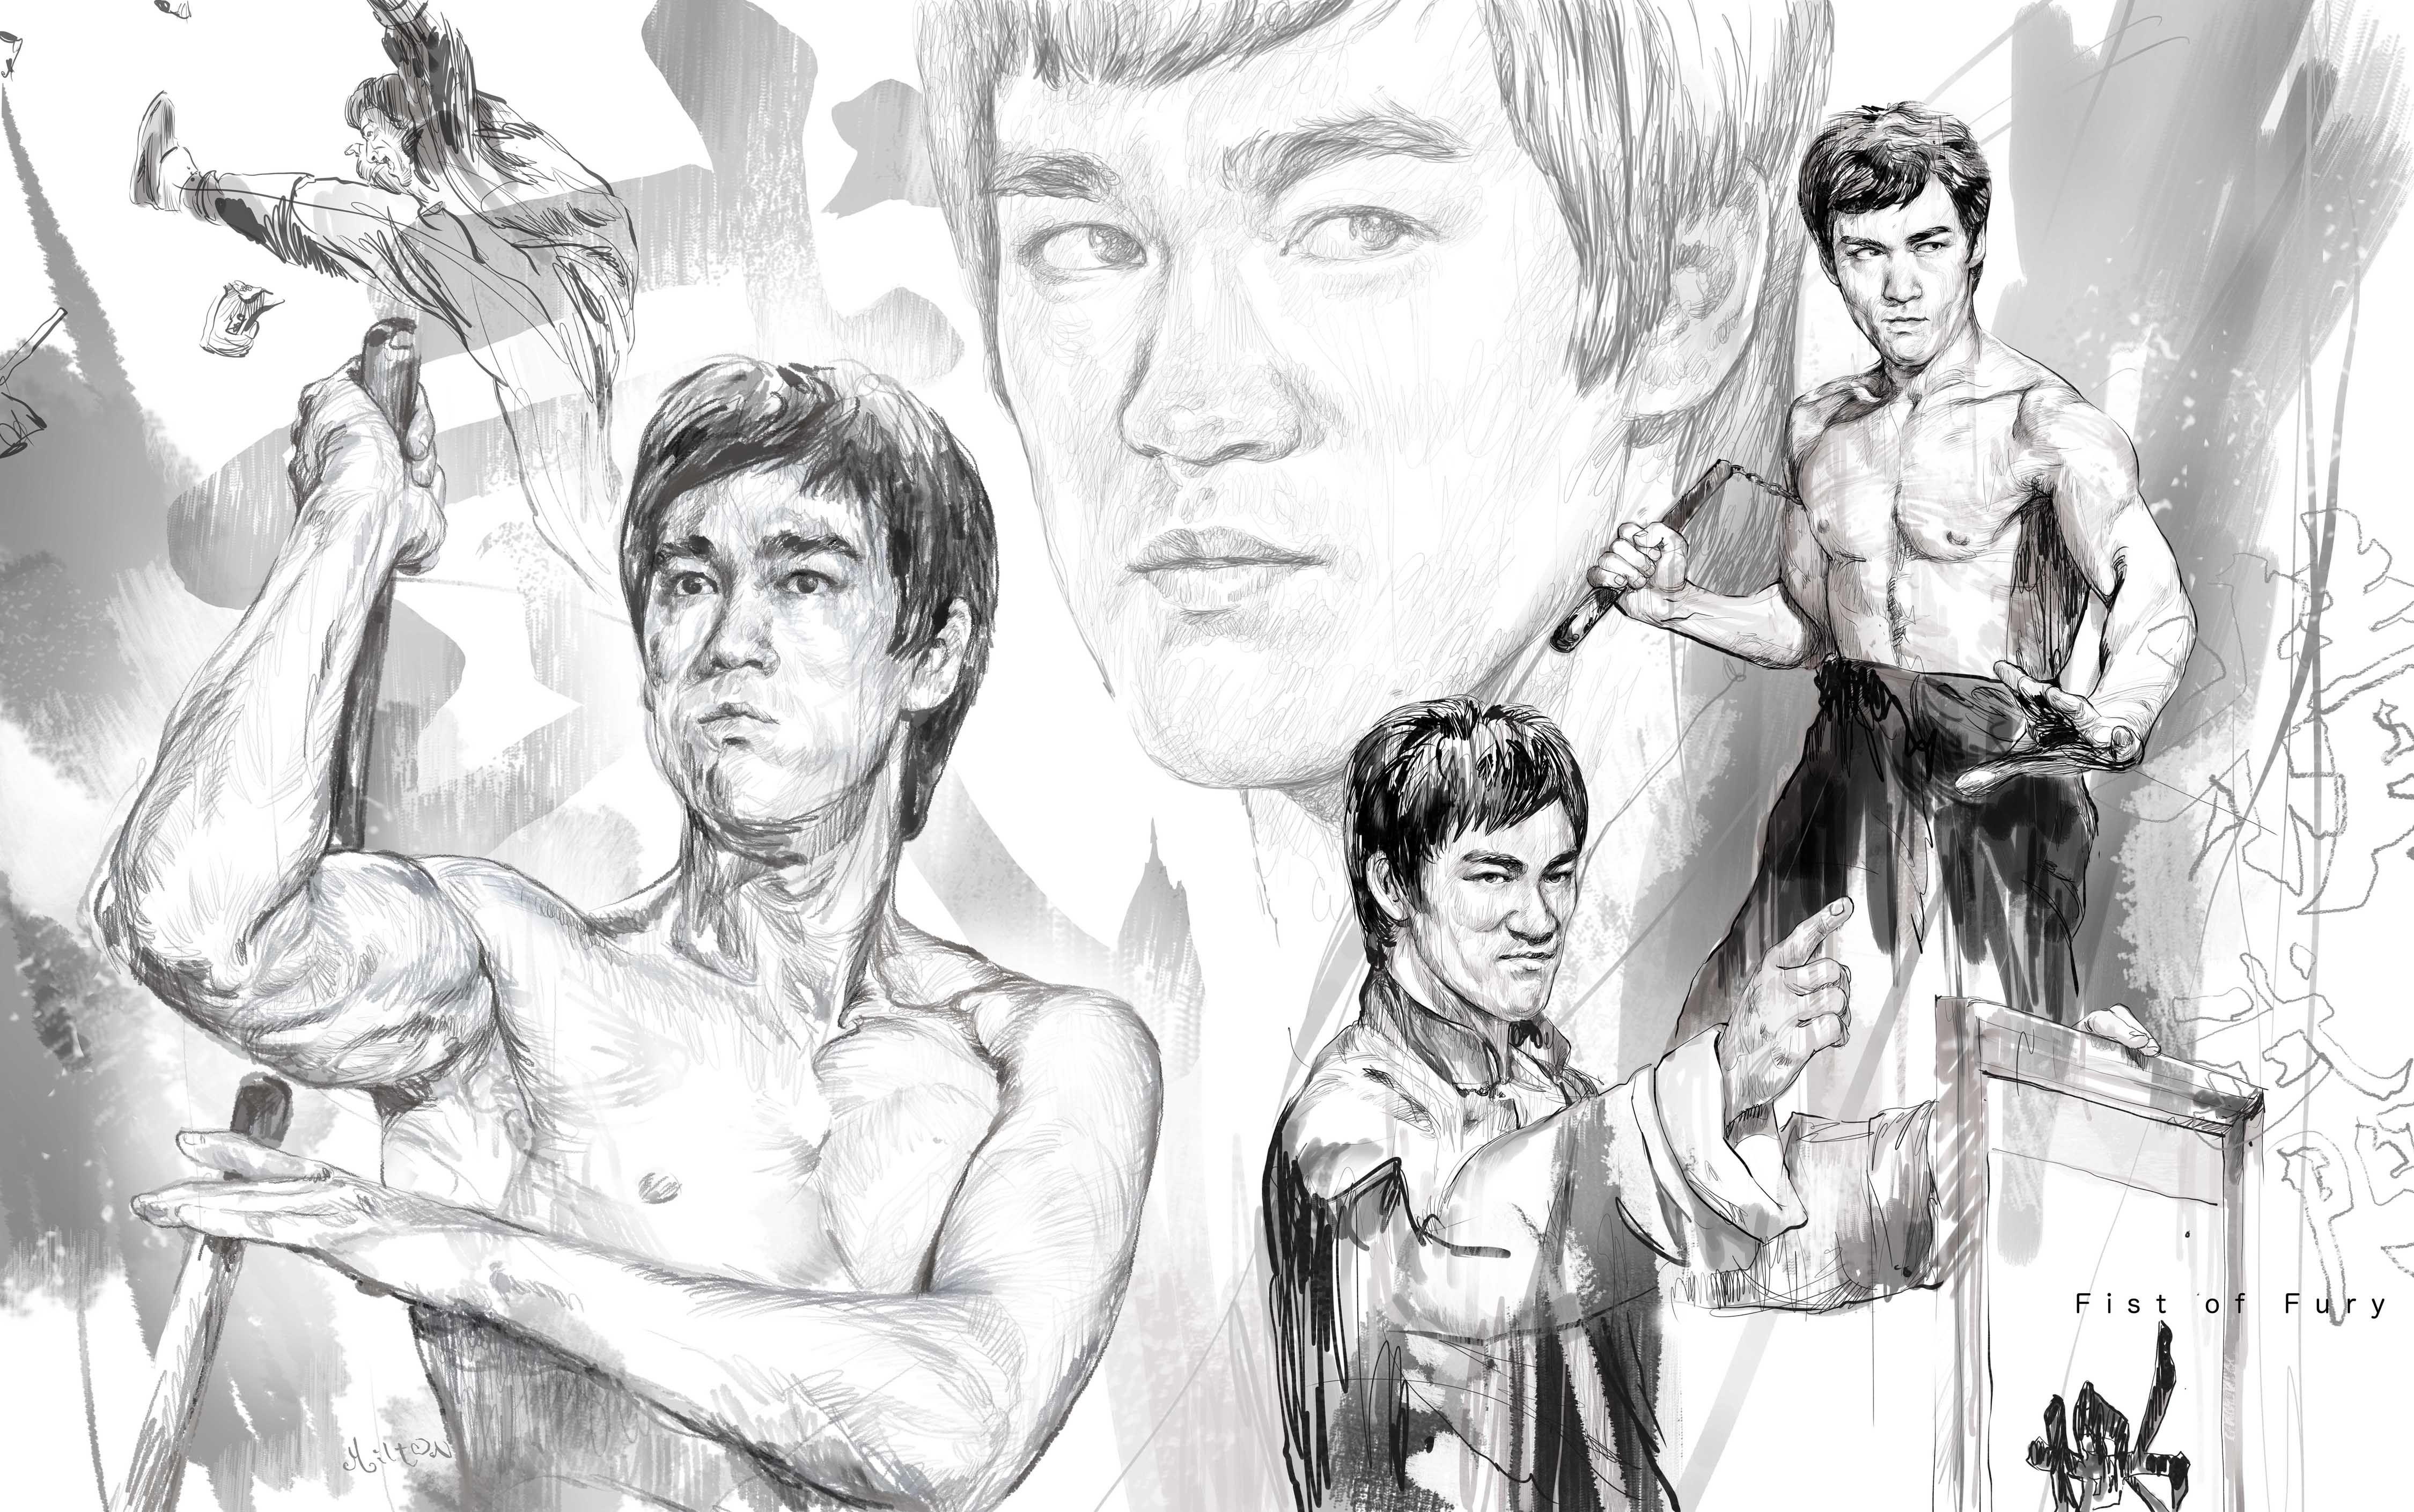 Sketching of bruce lee movie 02 fist of fury